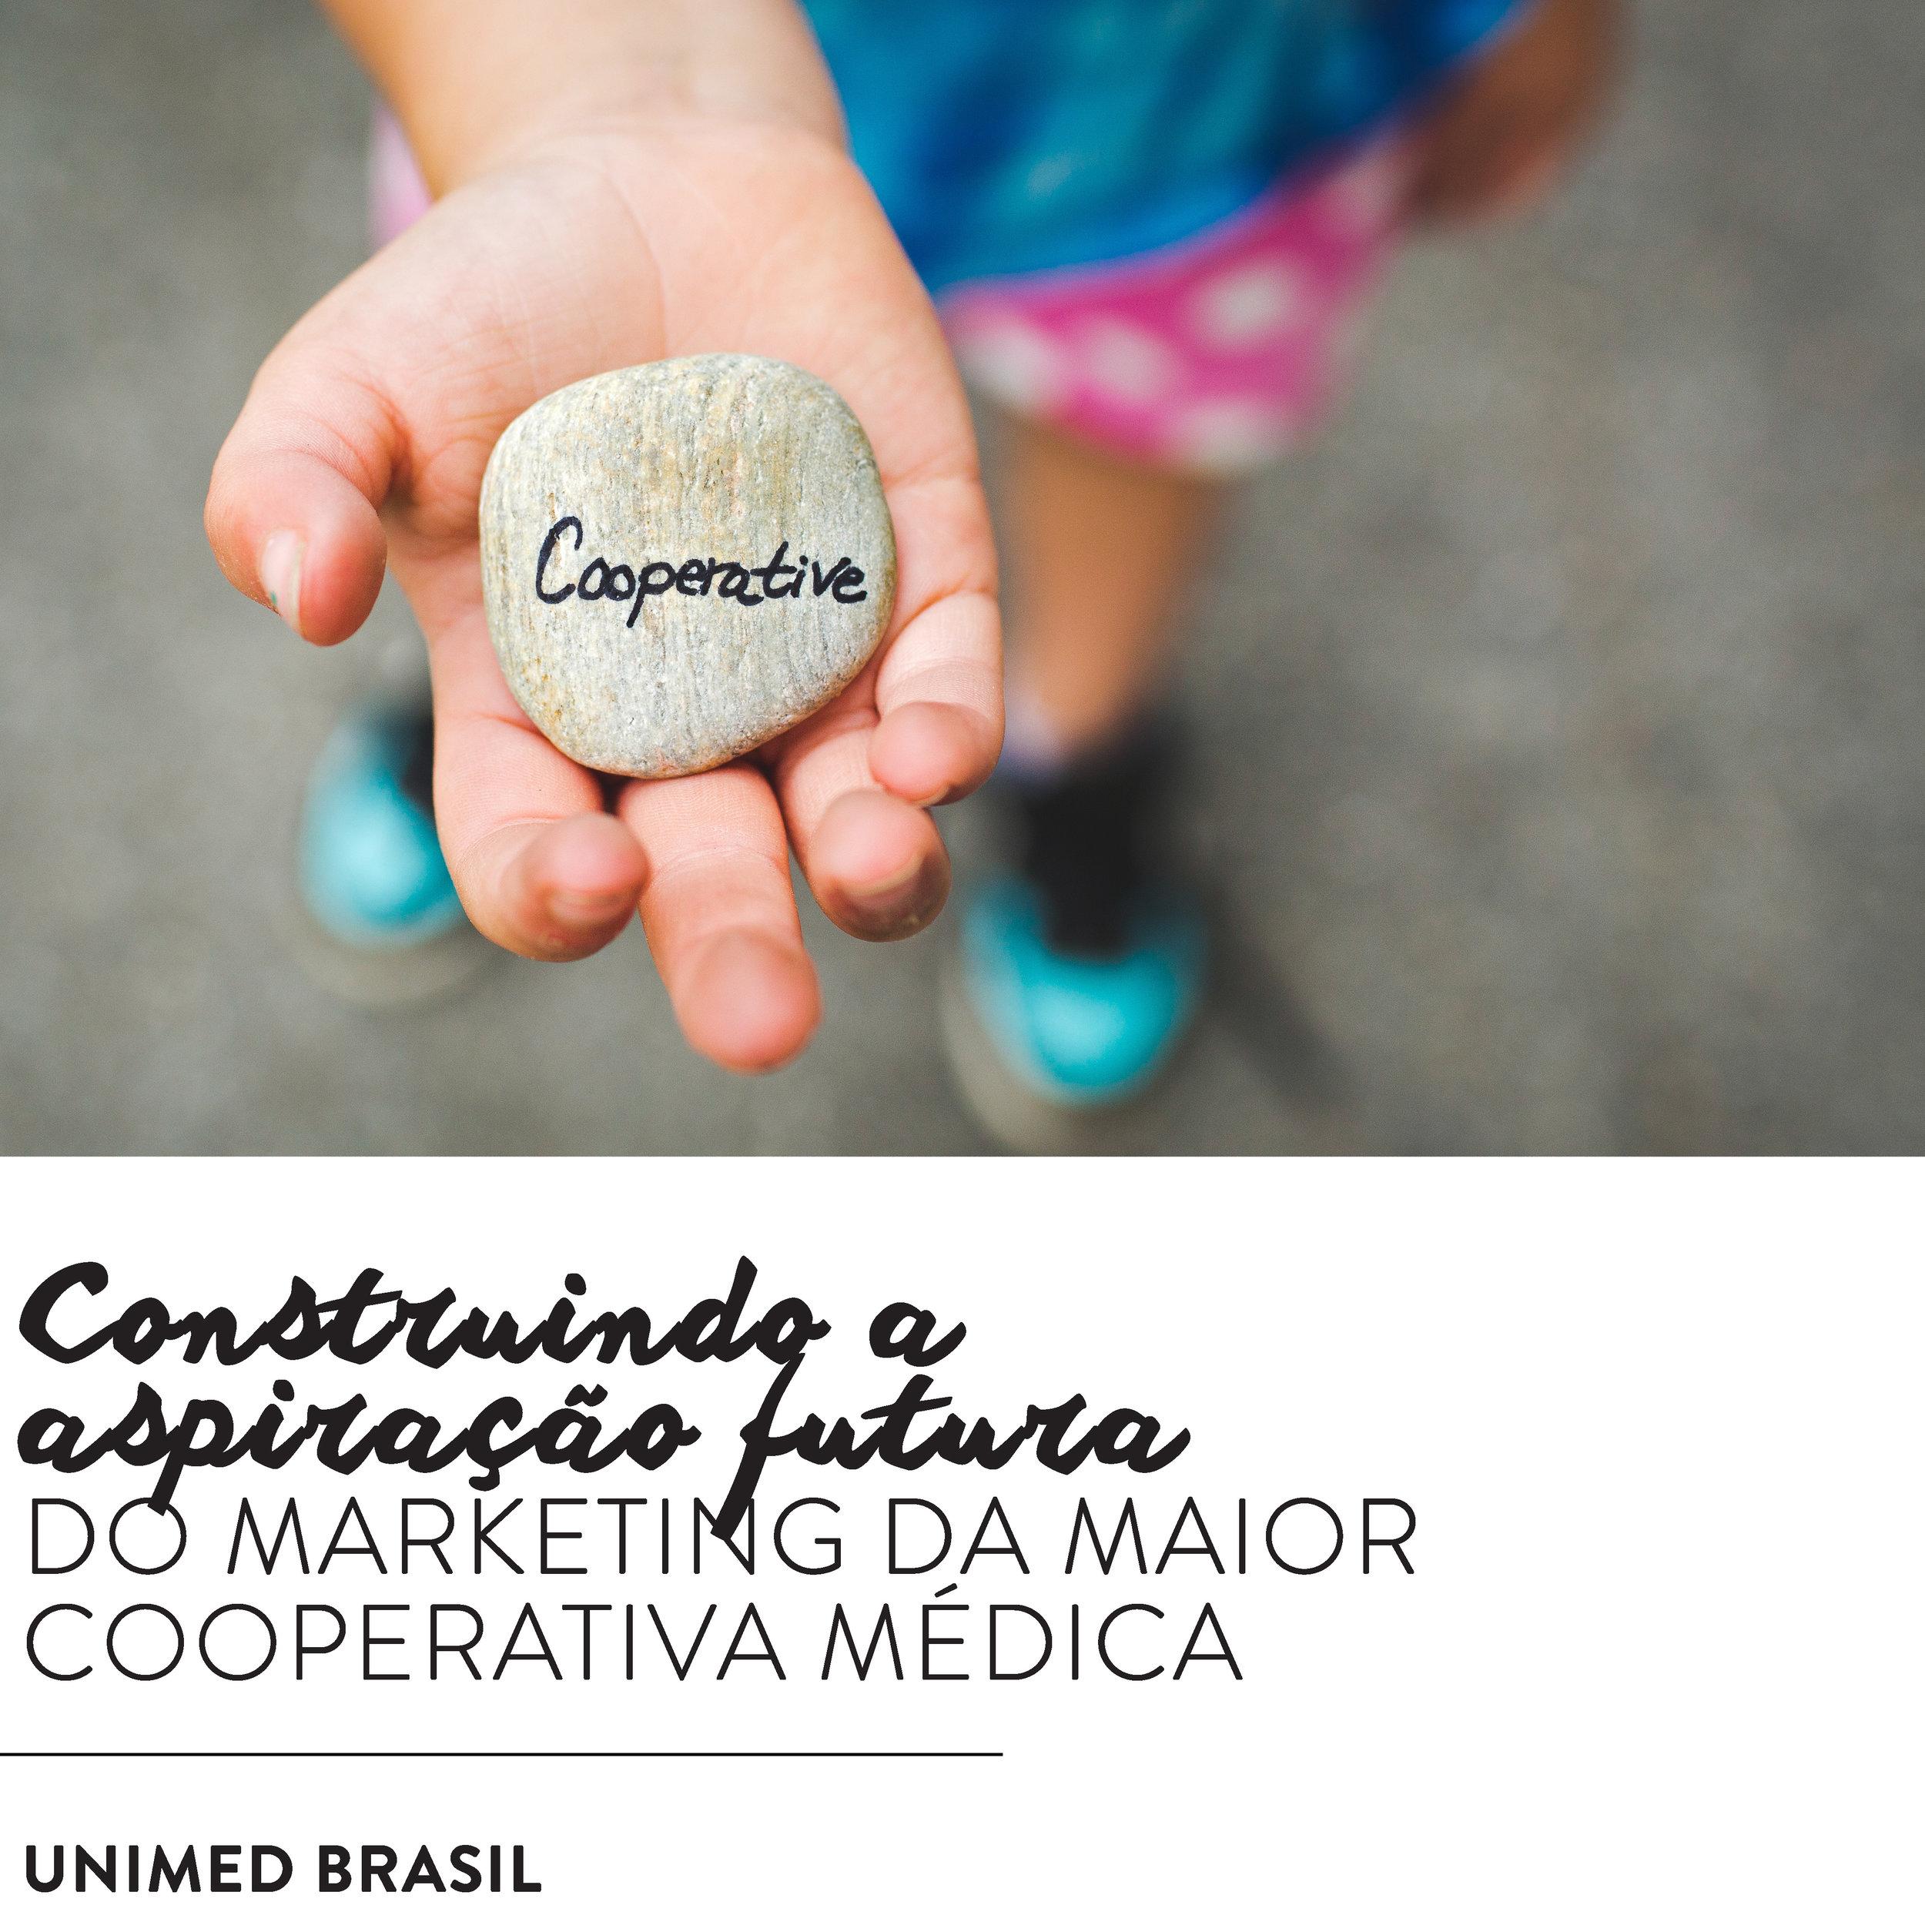 CONSTRUINDO A ASPIRAÇÃO FUTURA DA MAIOR COOPERATIVA MÉDICA